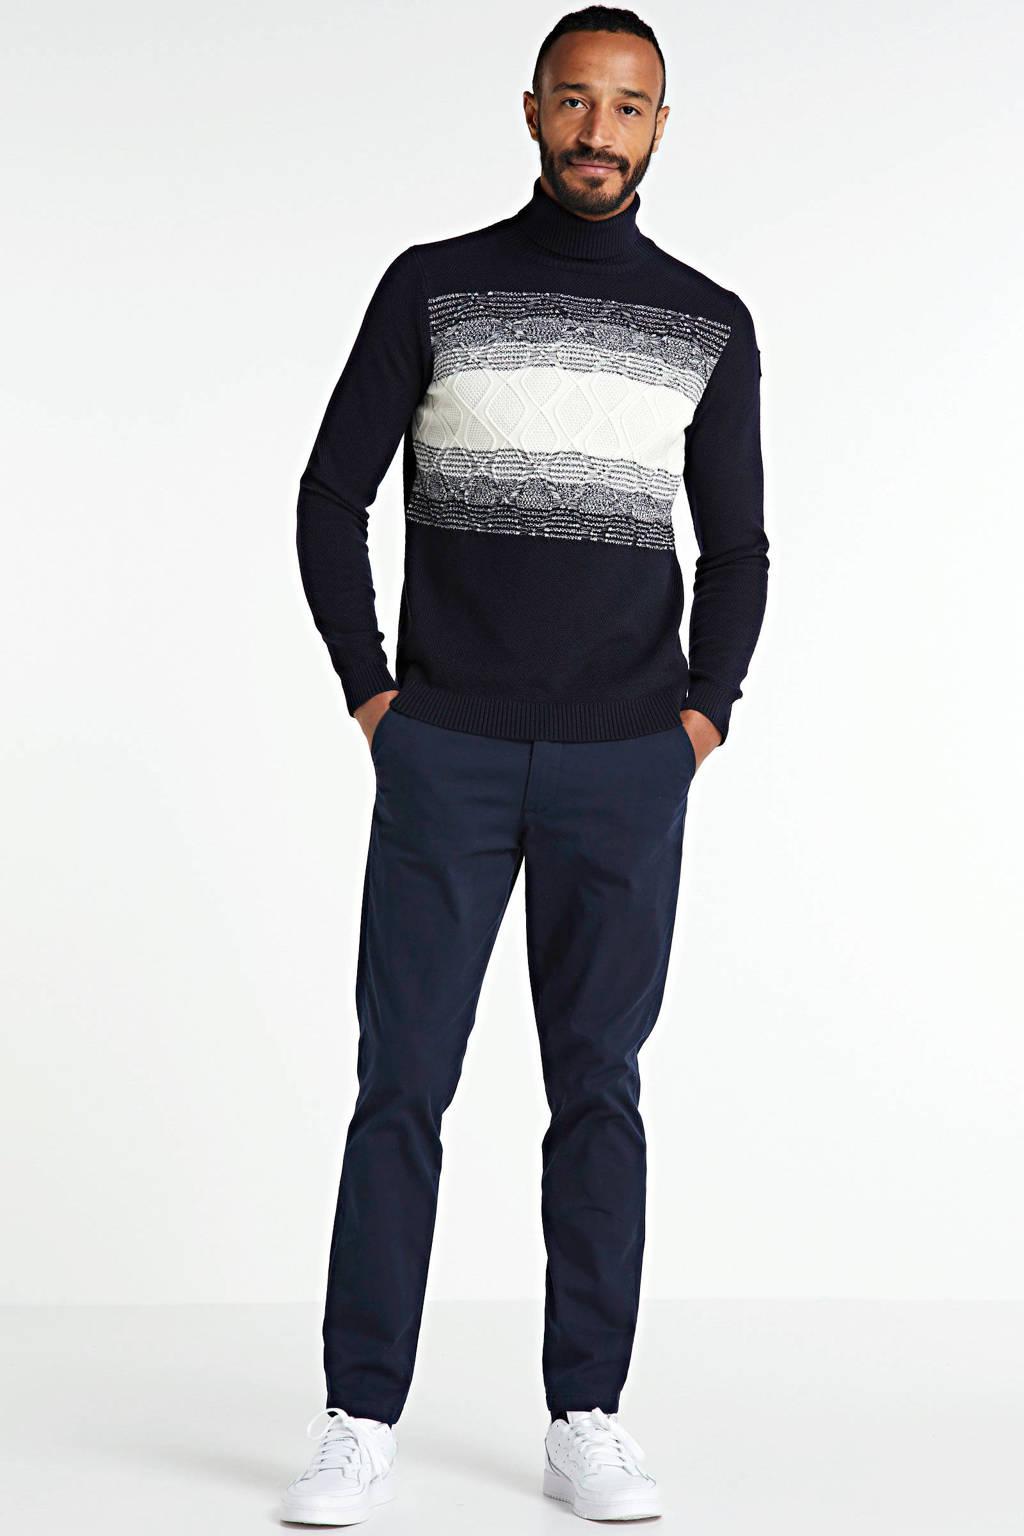 Vanguard trui zwart/wit/grijs, Zwart/wit/grijs